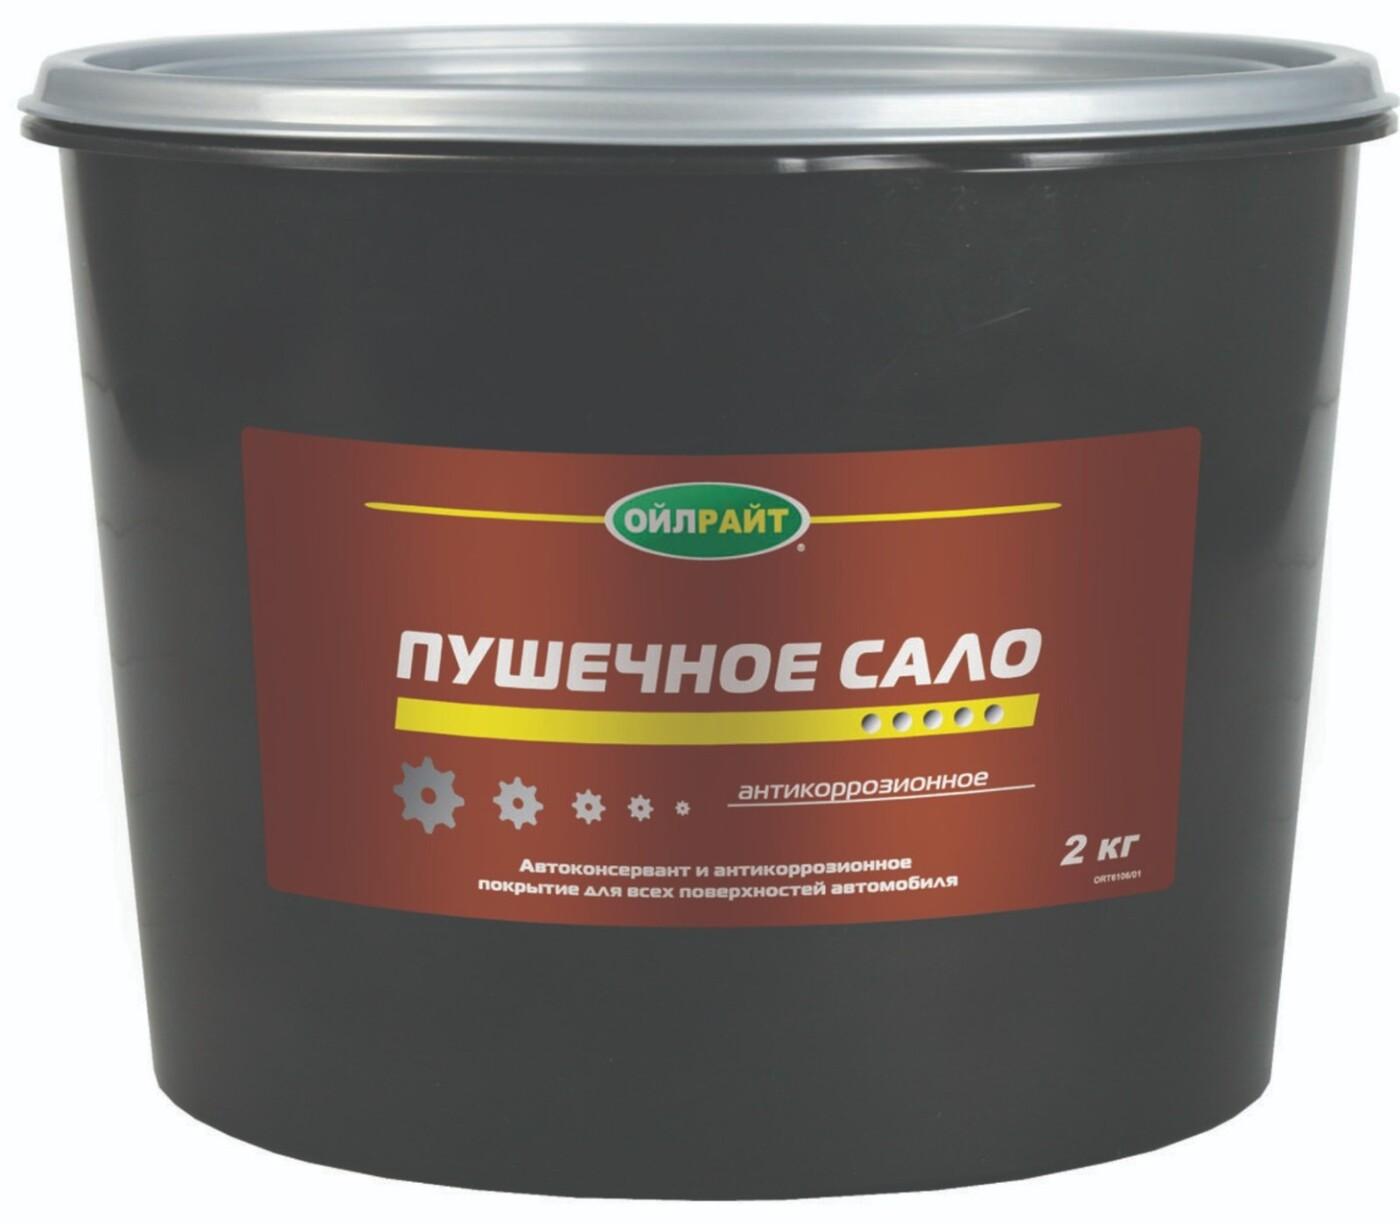 Смазка OILRIGHT консервационная Пушечное сало (пушсало) 2кг ведро